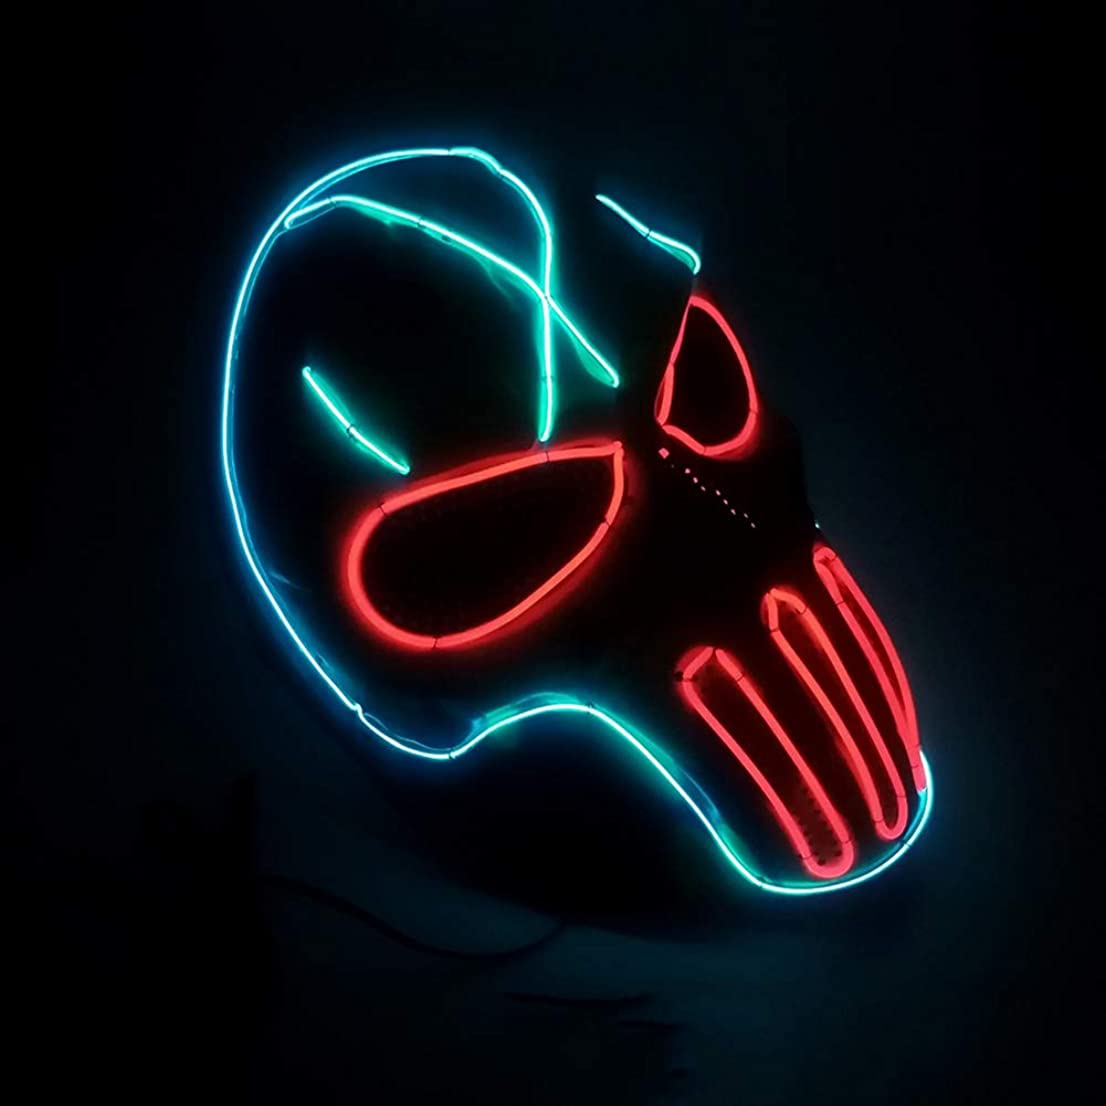 同情息苦しい原子炉ハロウィン テロ CS Wildfire LED マスク 2個 エルワイヤ イルミネーション 化粧 コスプレ プロム マスク (18×18Cm) MAG.AL